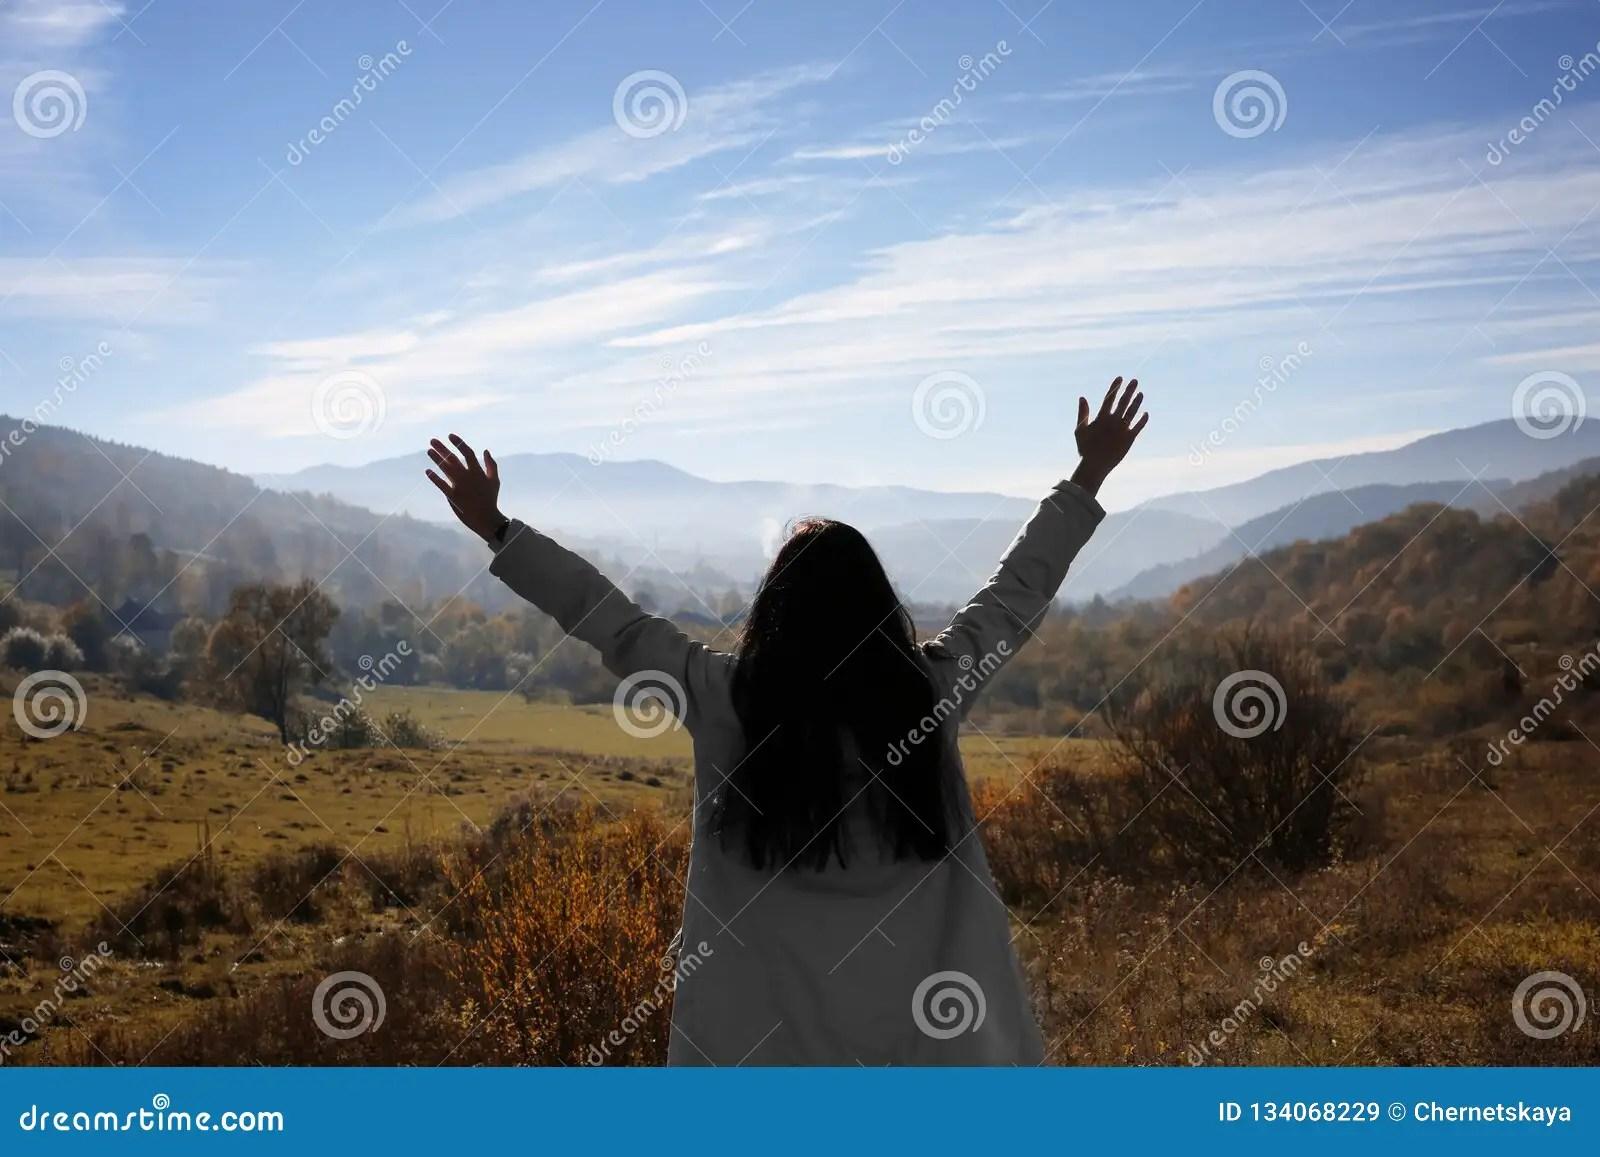 female traveler feeling free